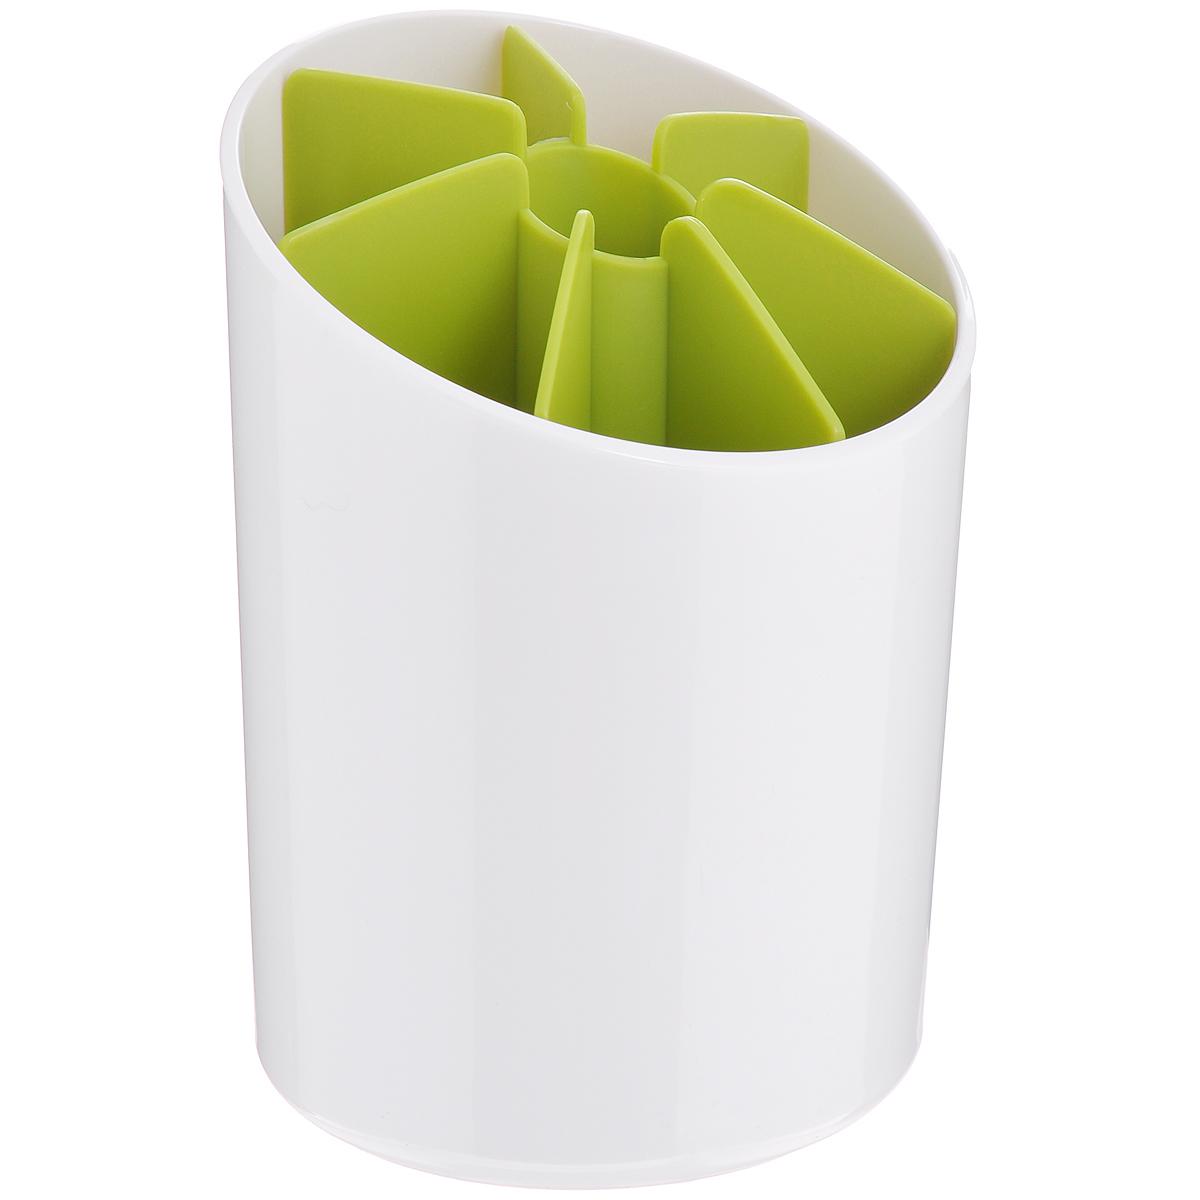 Подставка для столовых приборов Joseph Joseph Segment, цвет: белый, зеленый, высота 19 см85031